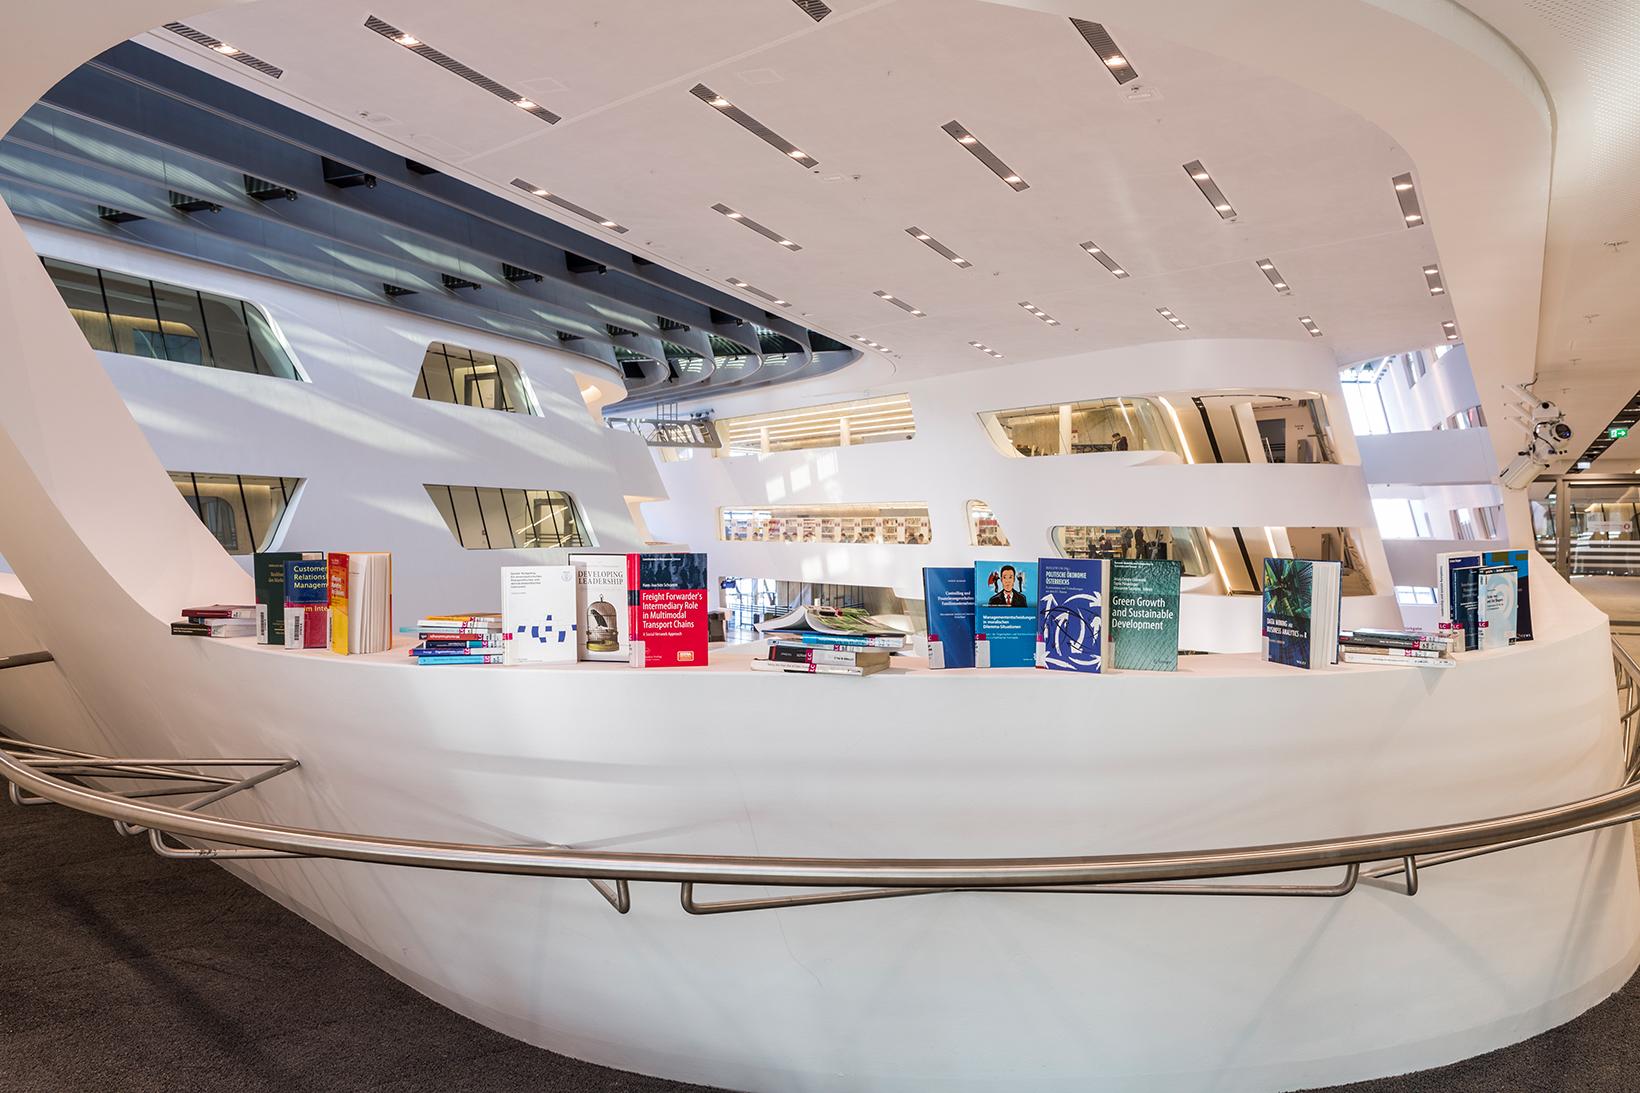 Bücher von WU Angehörigen (c) Stephan Huger